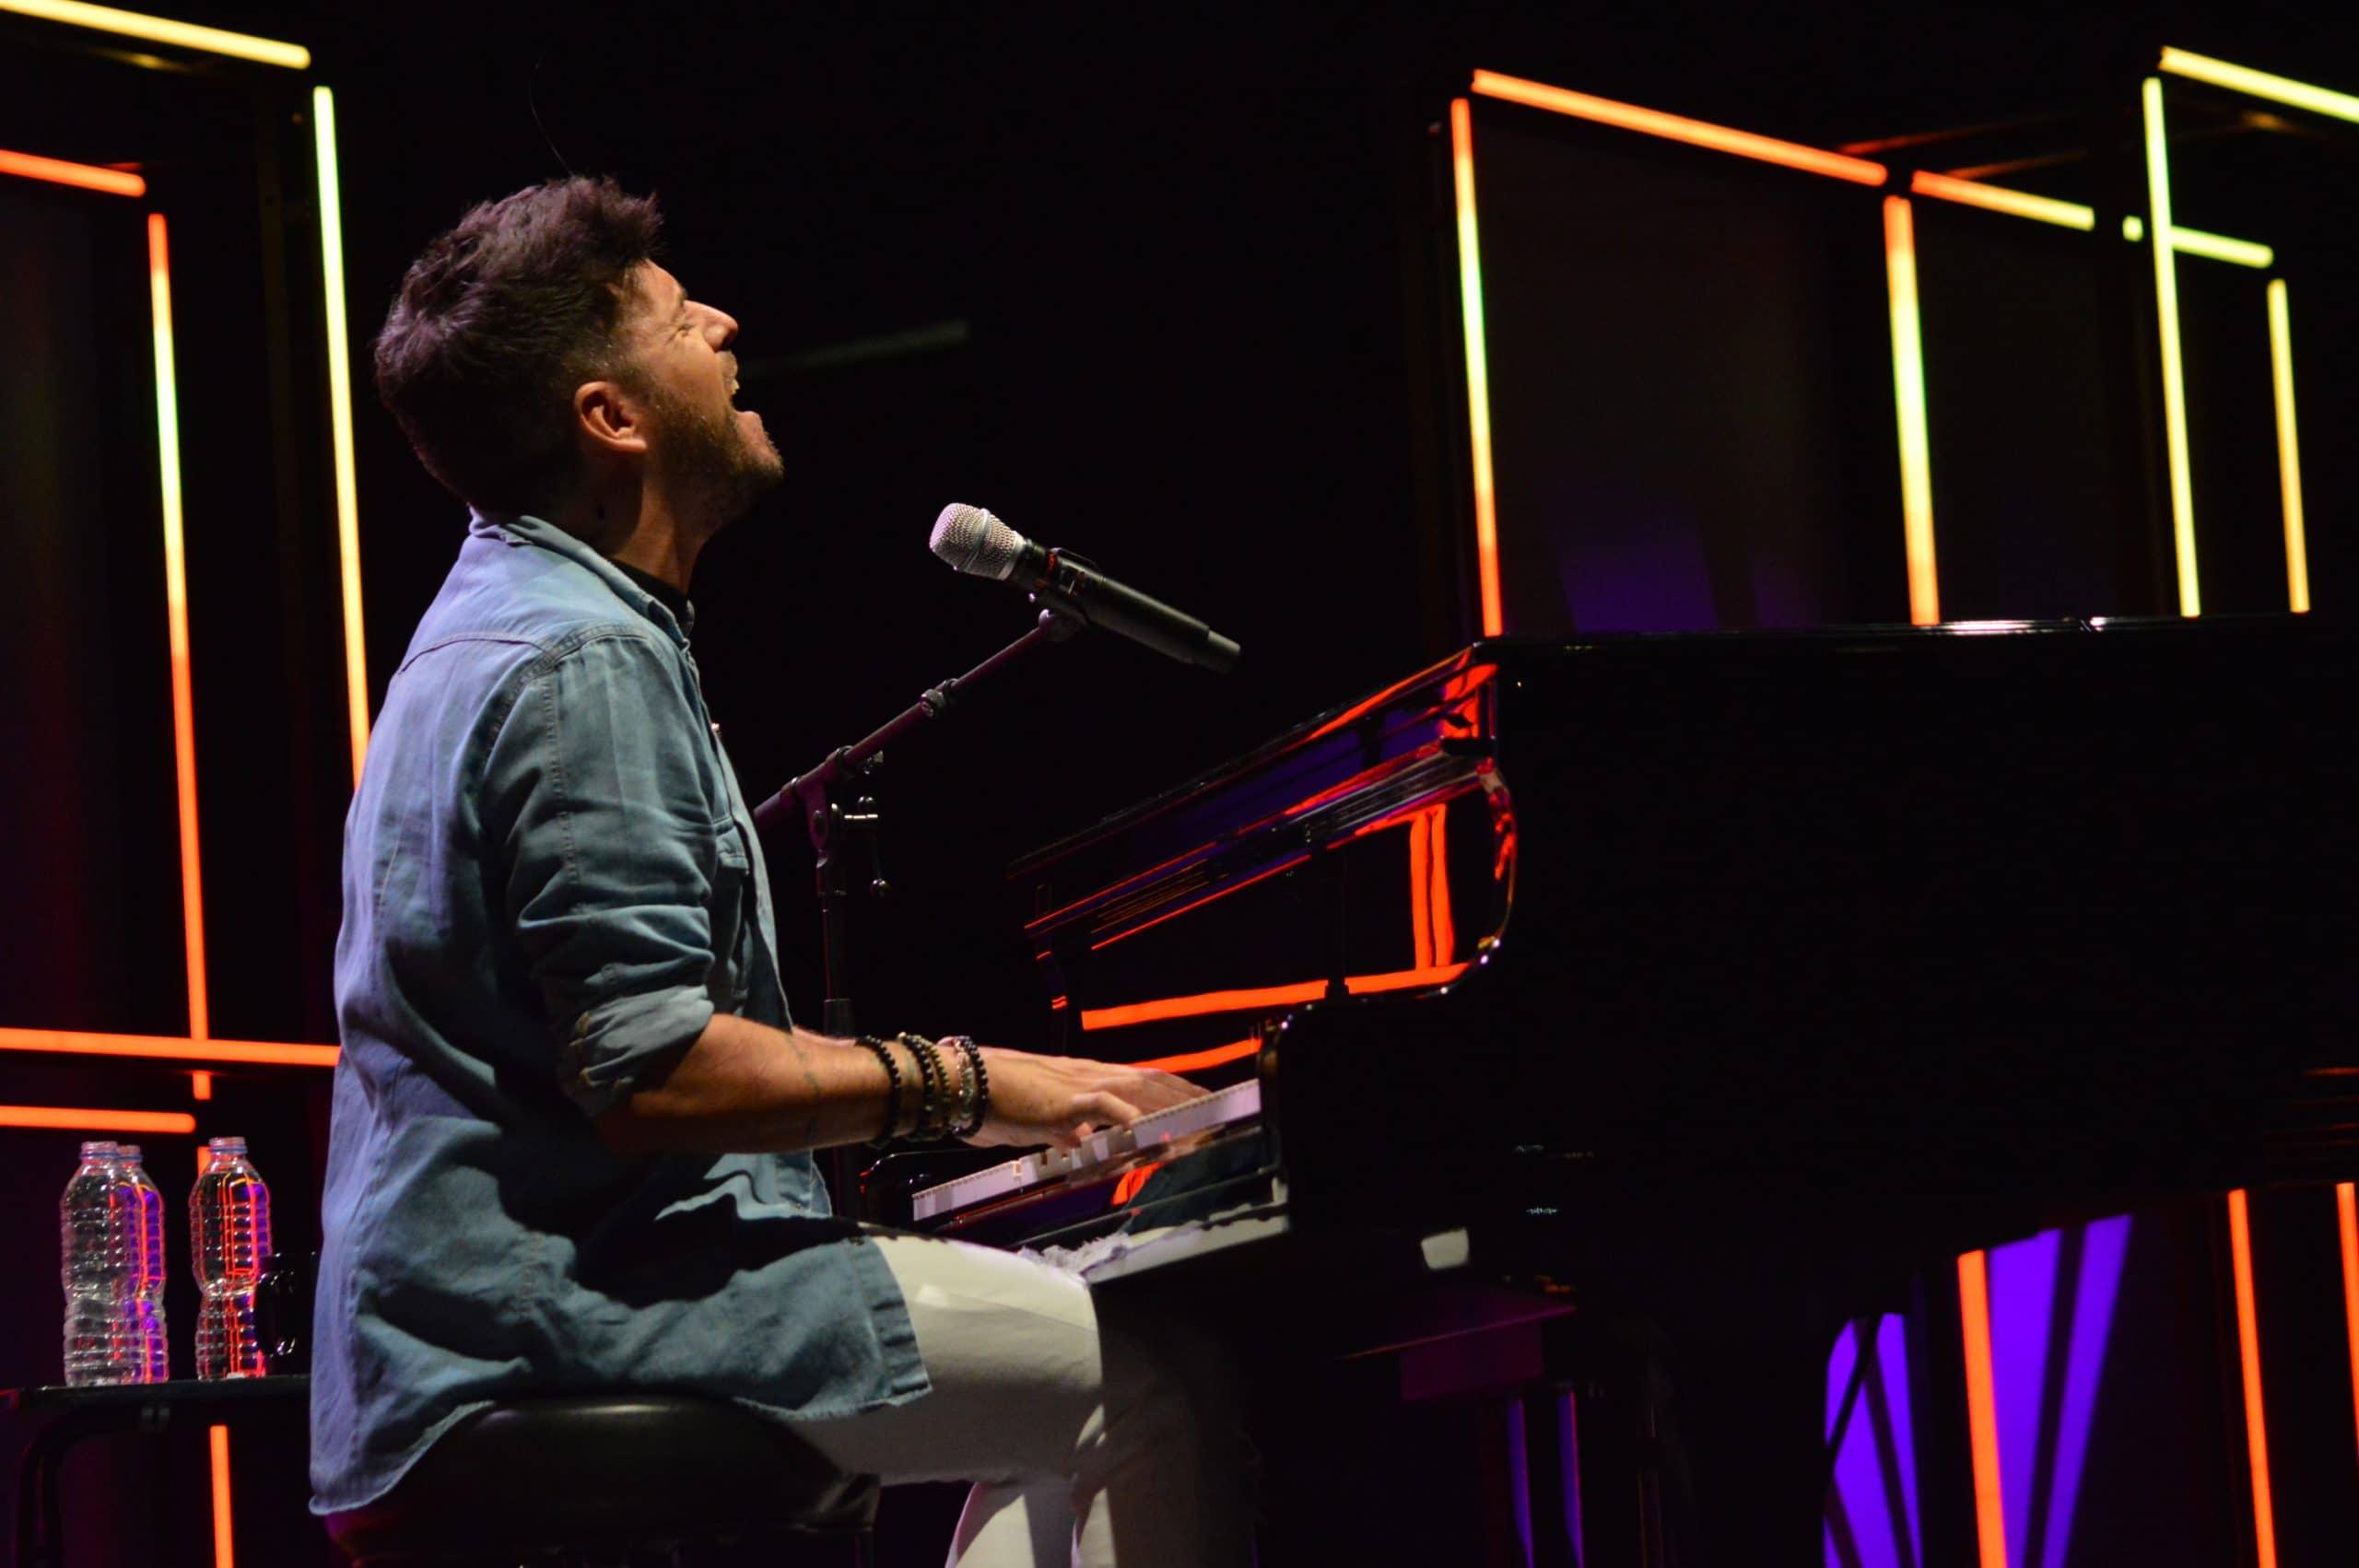 La gira 'López, piano y voz' de Pablo López pone el broche final a las fiestas de la Encina que nunca hubiéramos querido vivir 26